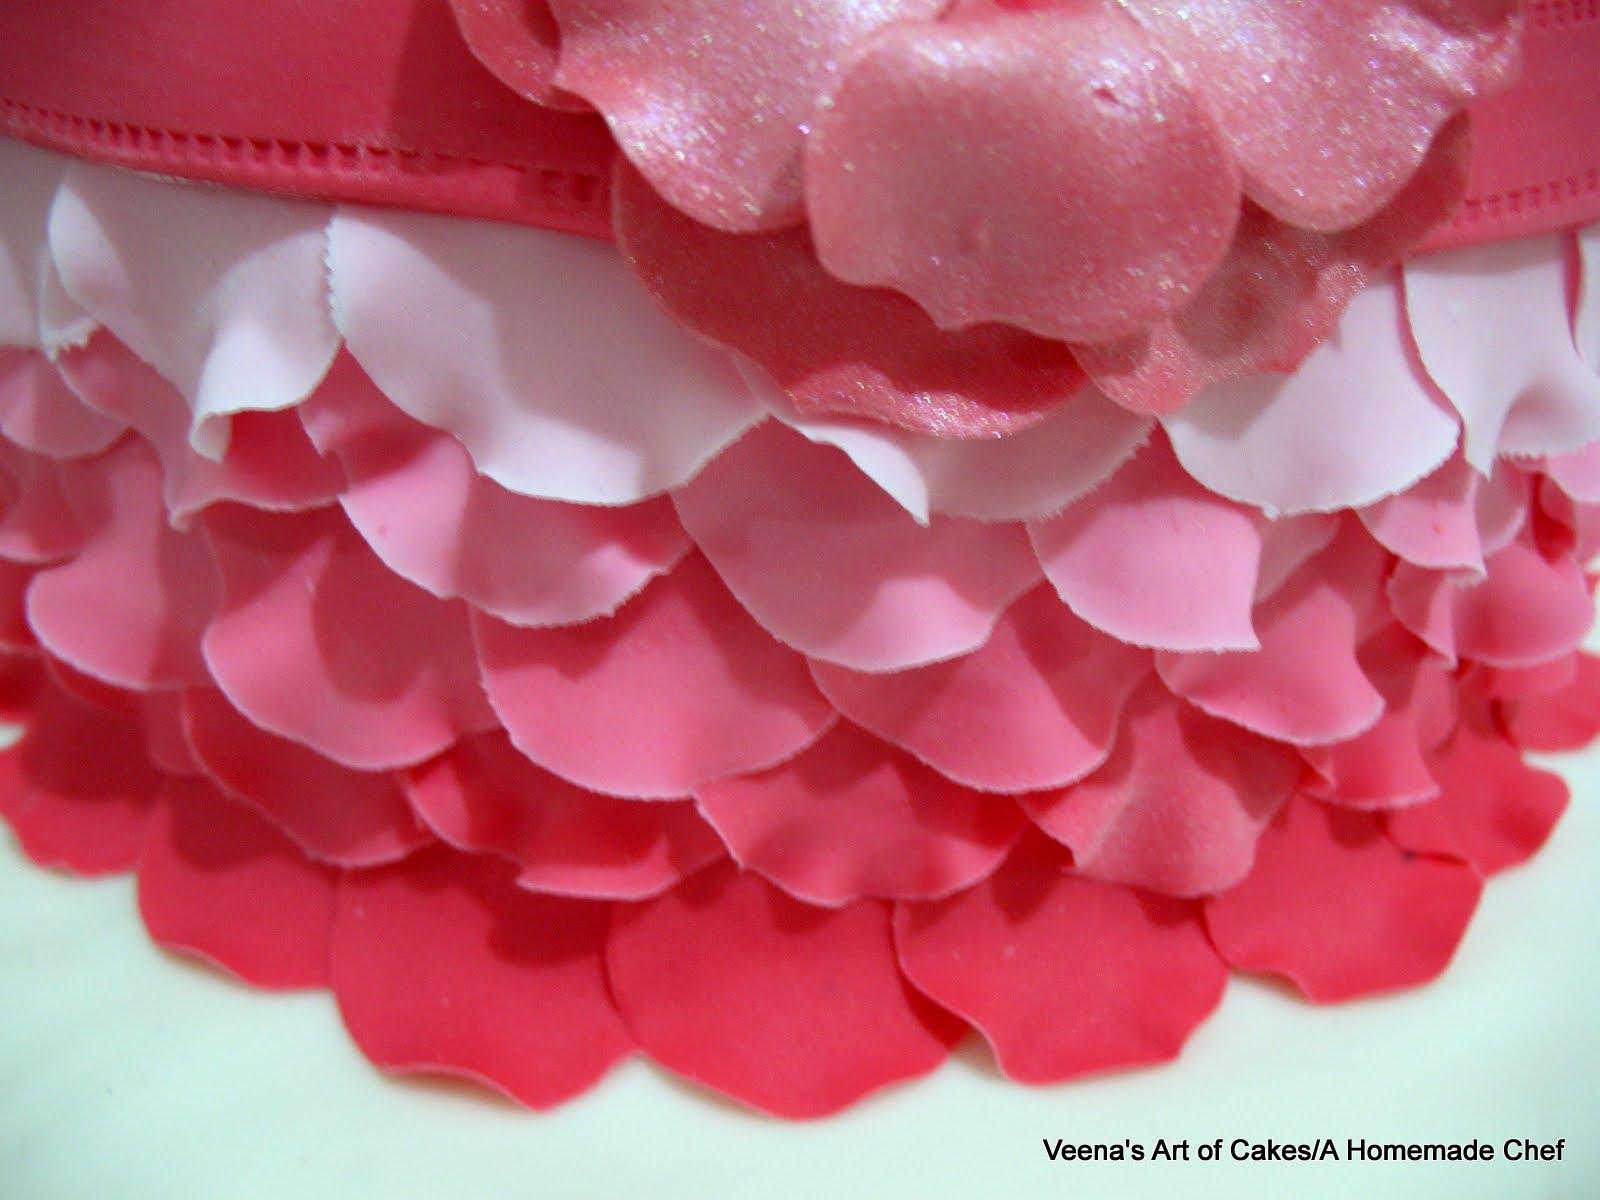 Rose Petal Cake Images : Ombre Rose Petal Cake - Veena Azmanov